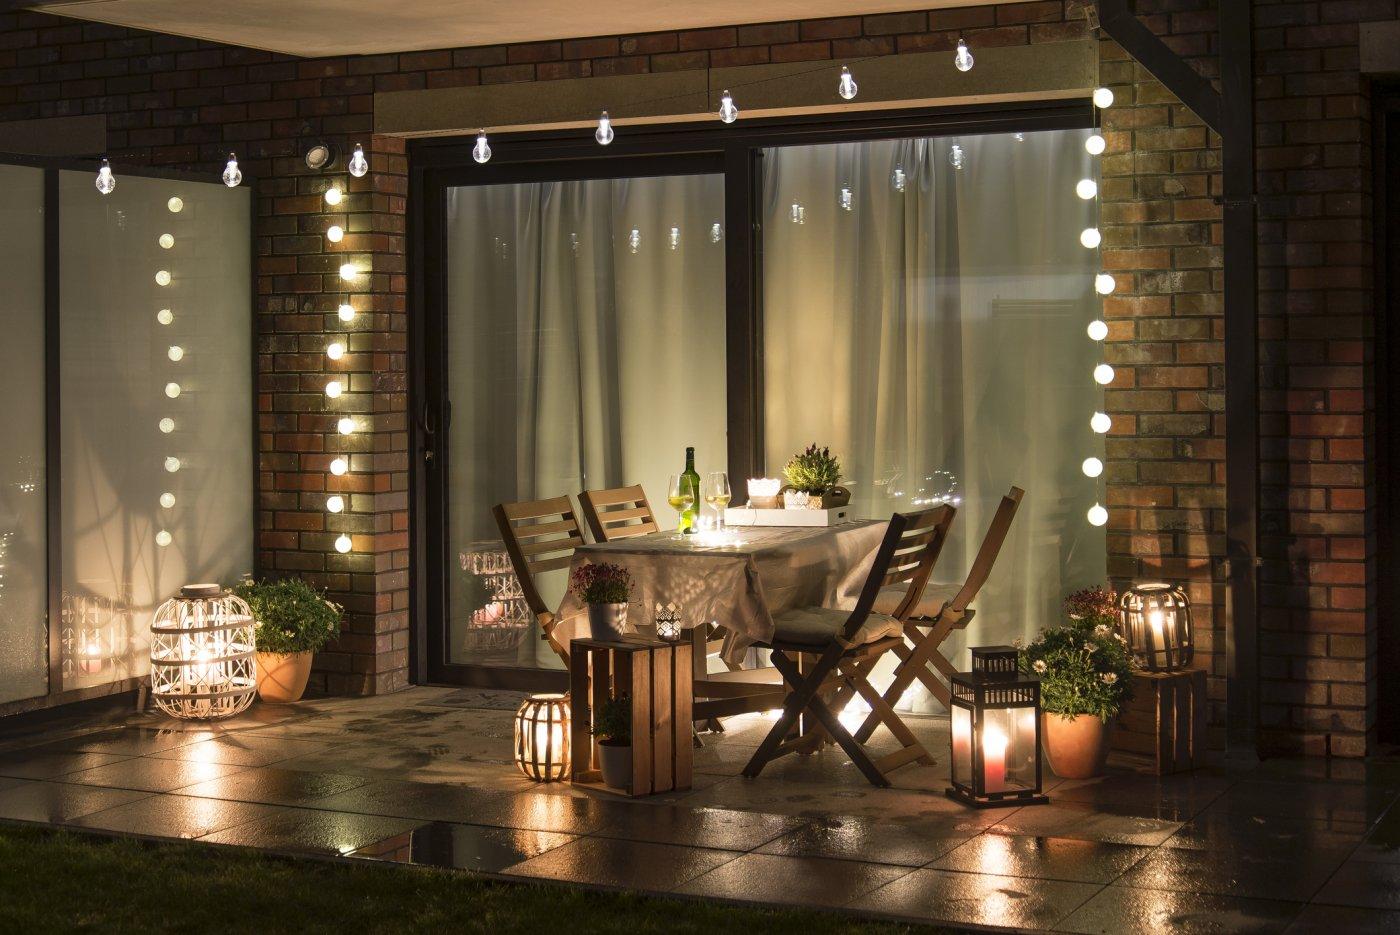 uteområde opplyst av happy lights og lyssatt bord og platting